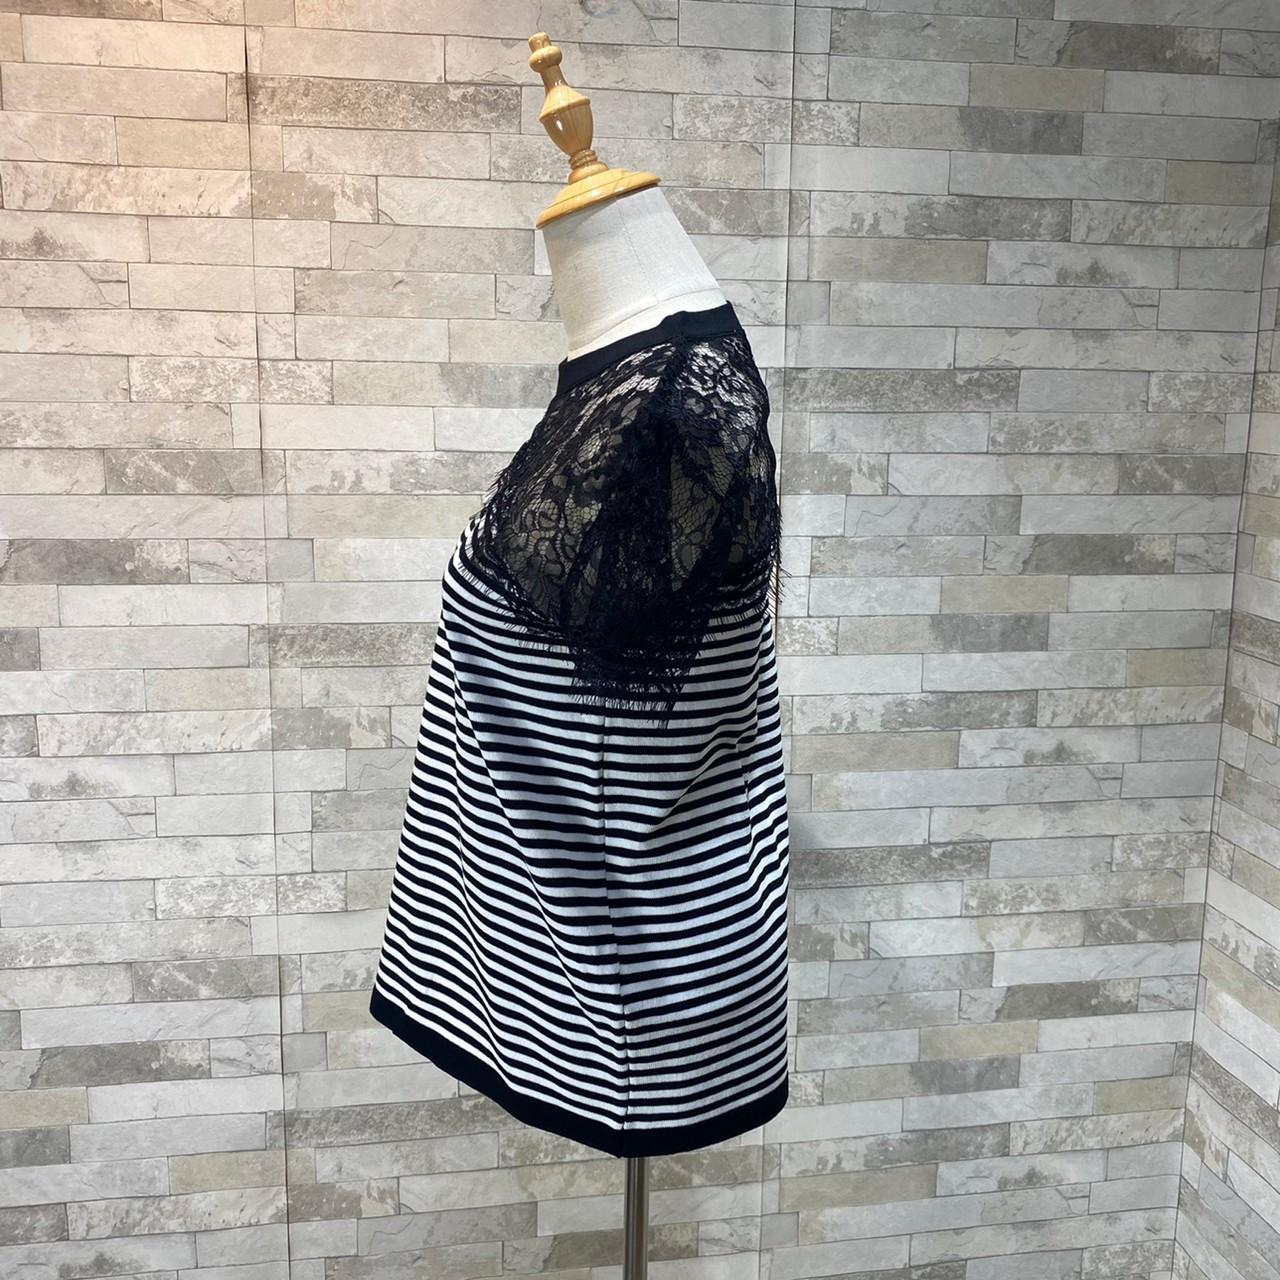 韓国 ファッション トップス Tシャツ カットソー 春 夏 カジュアル PTXK589  スカラップ レース シースルー リブ 重ね着 オルチャン シンプル 定番 セレカジの写真14枚目